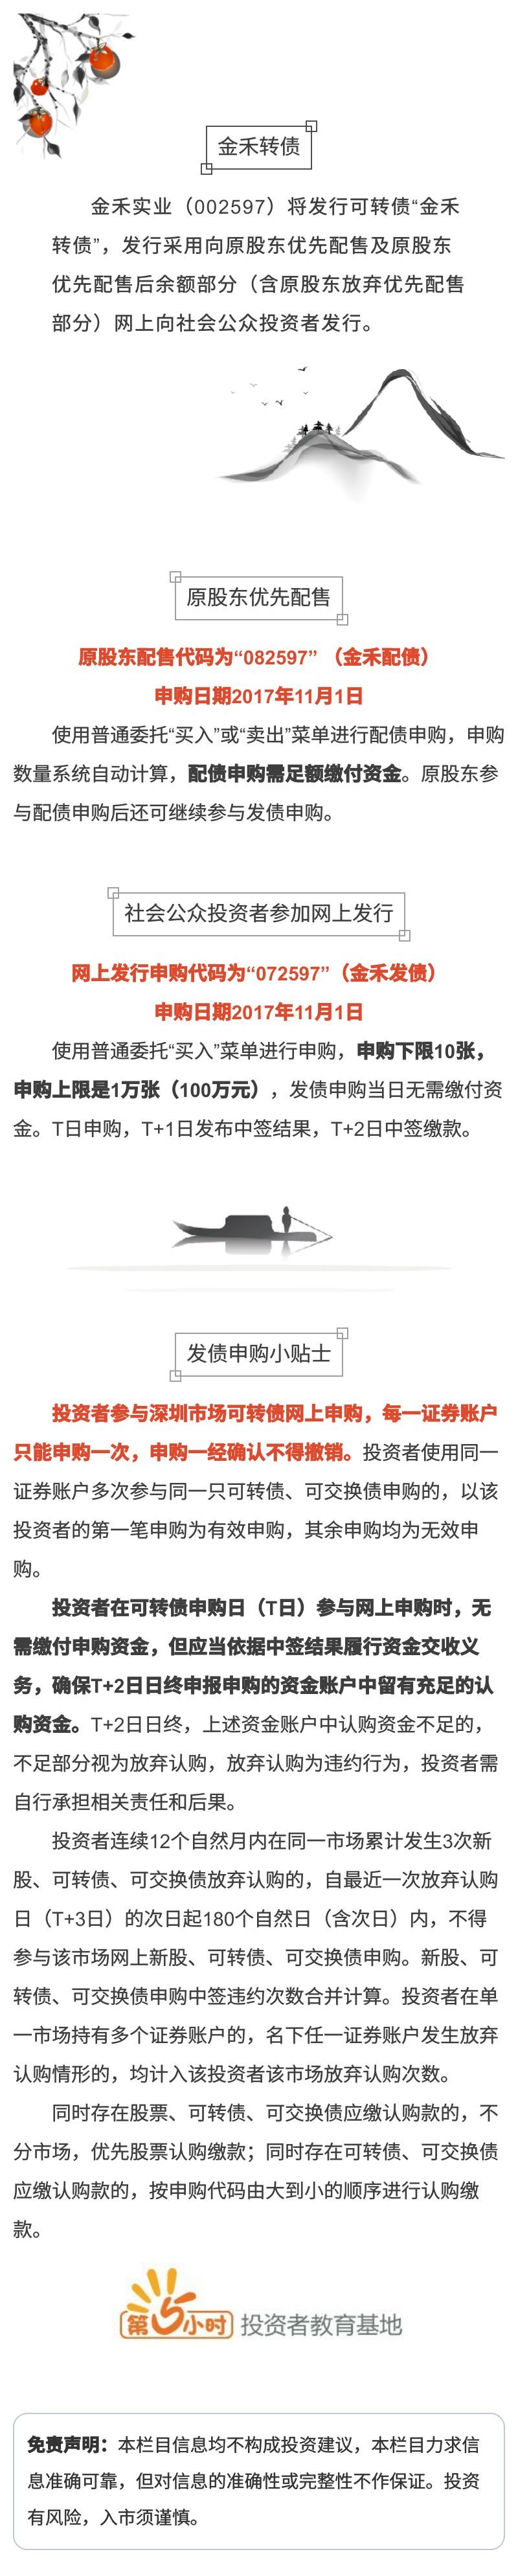 """金禾实业将公开发行""""金禾转债"""".jpg"""